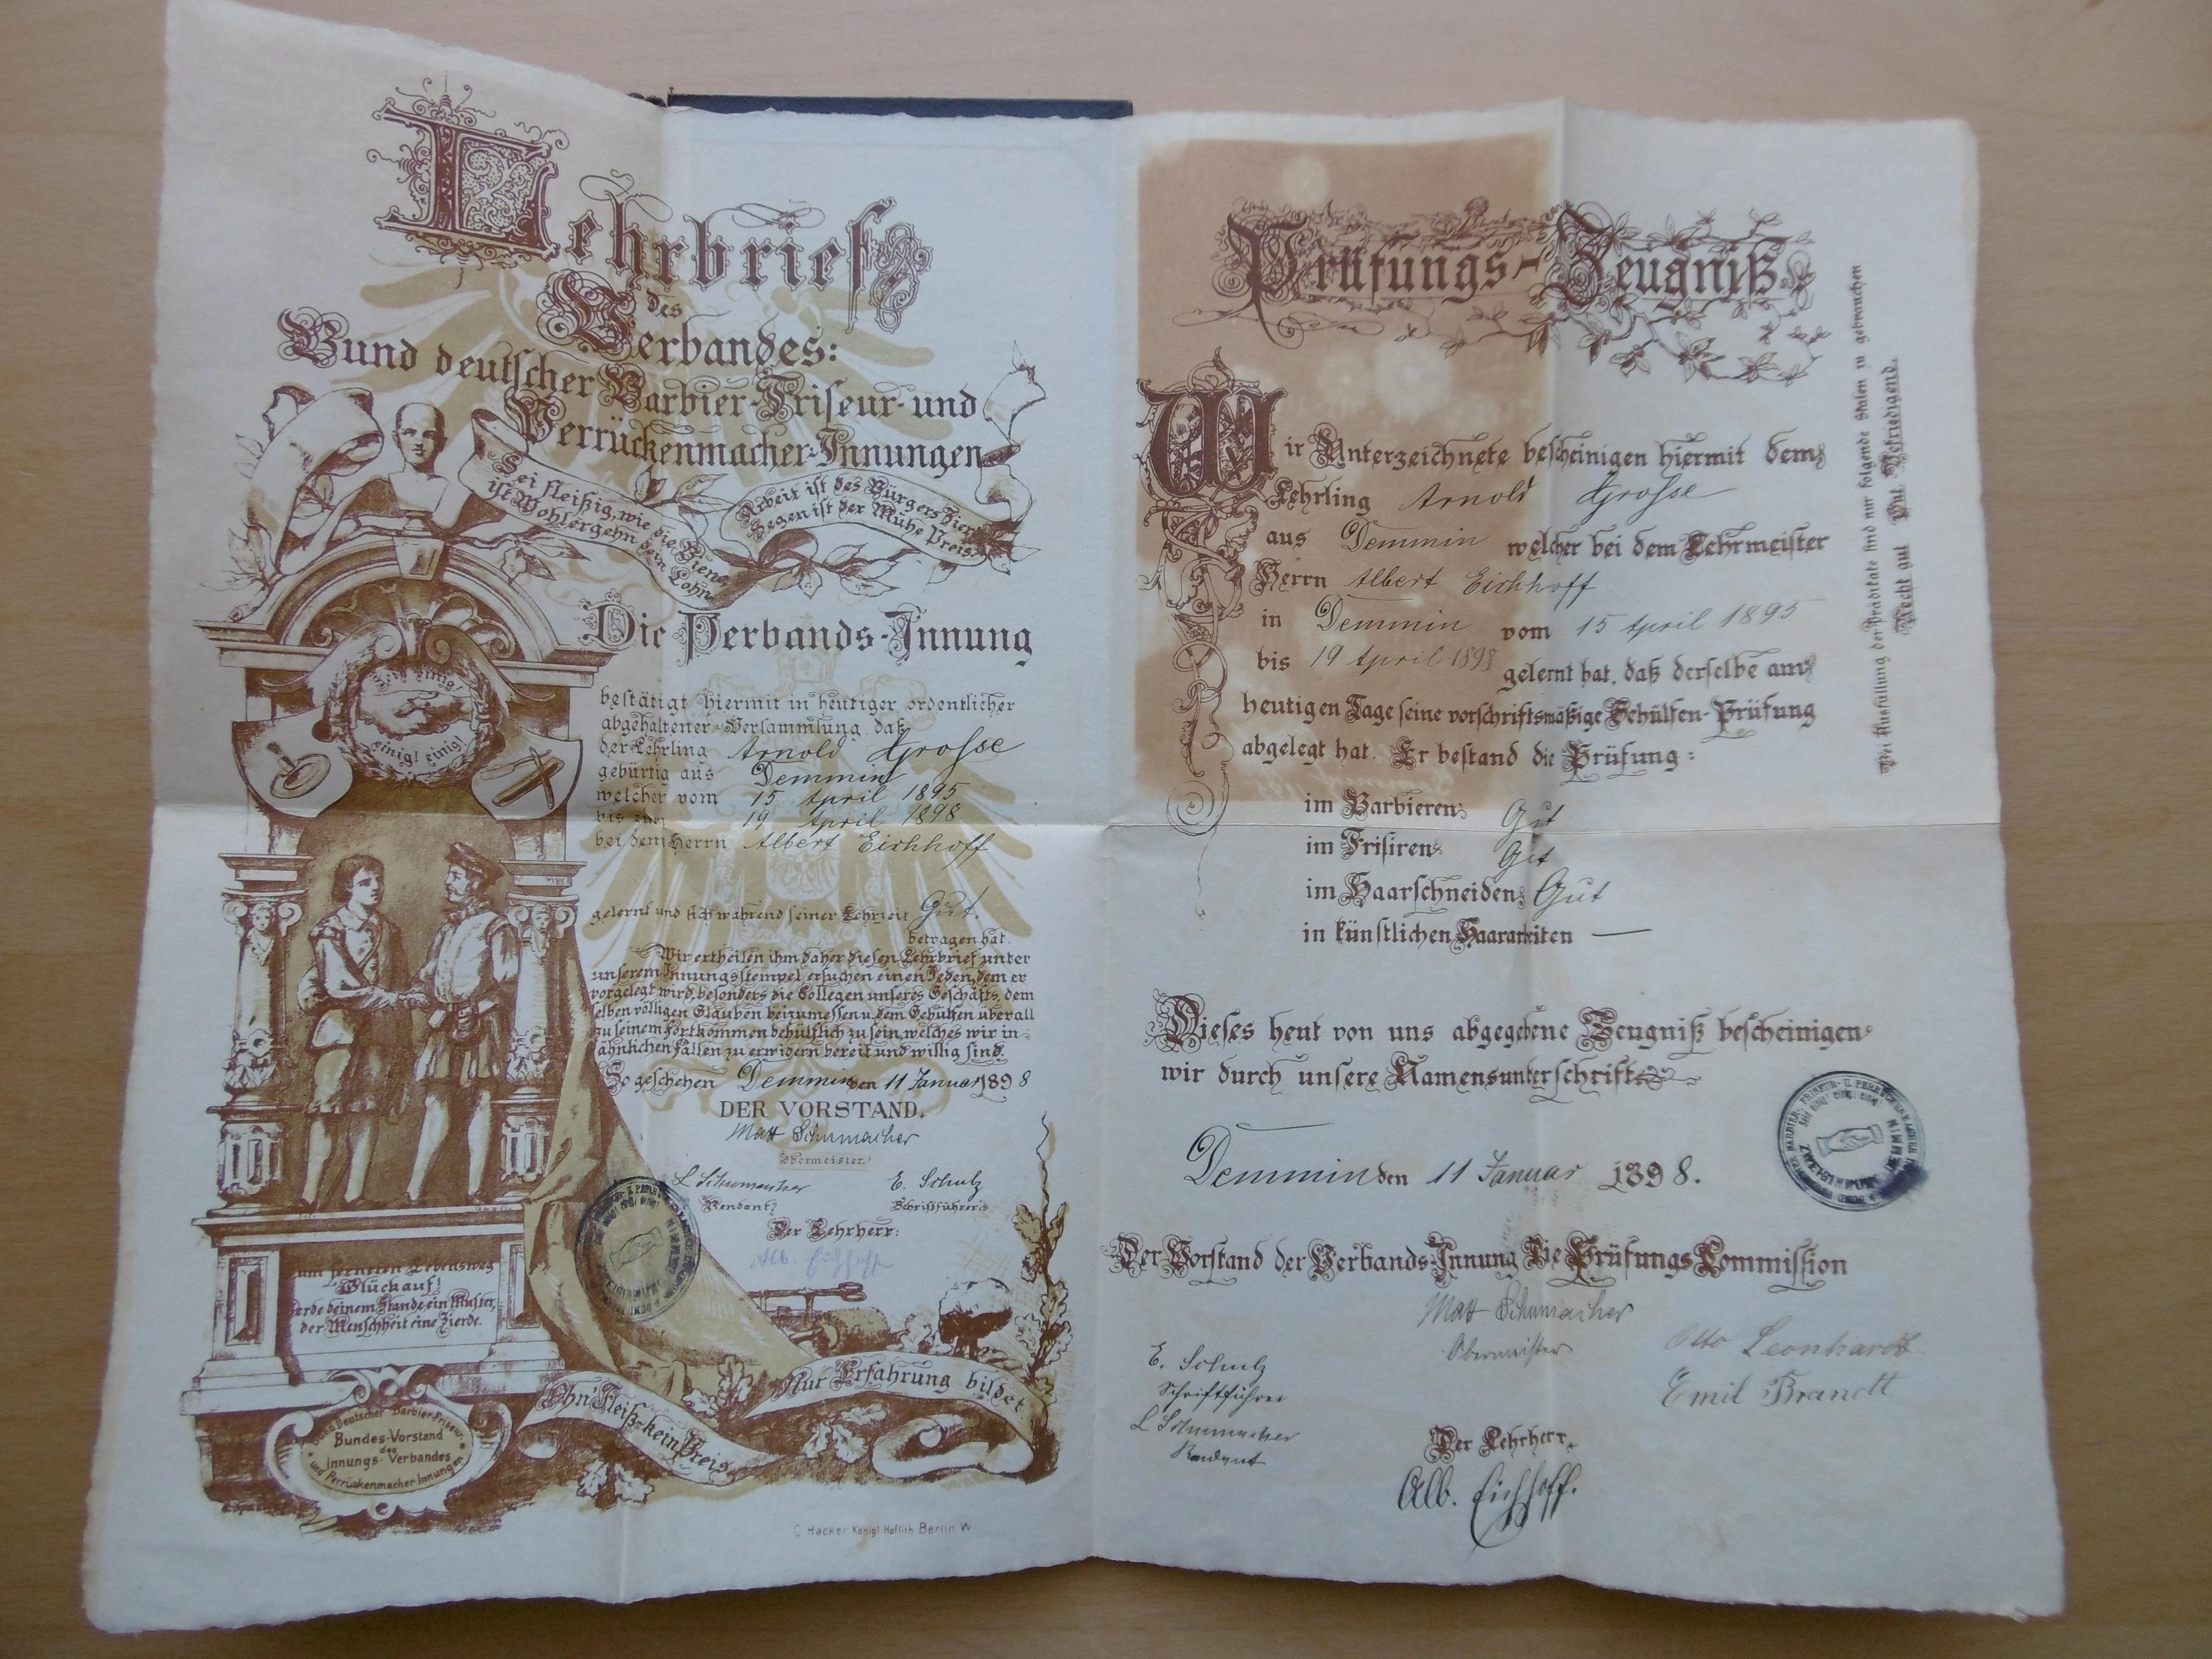 Lehrbrief des Verbandes Bund deutscher Barbier- Friseur-: Bund deutscher Barbier-